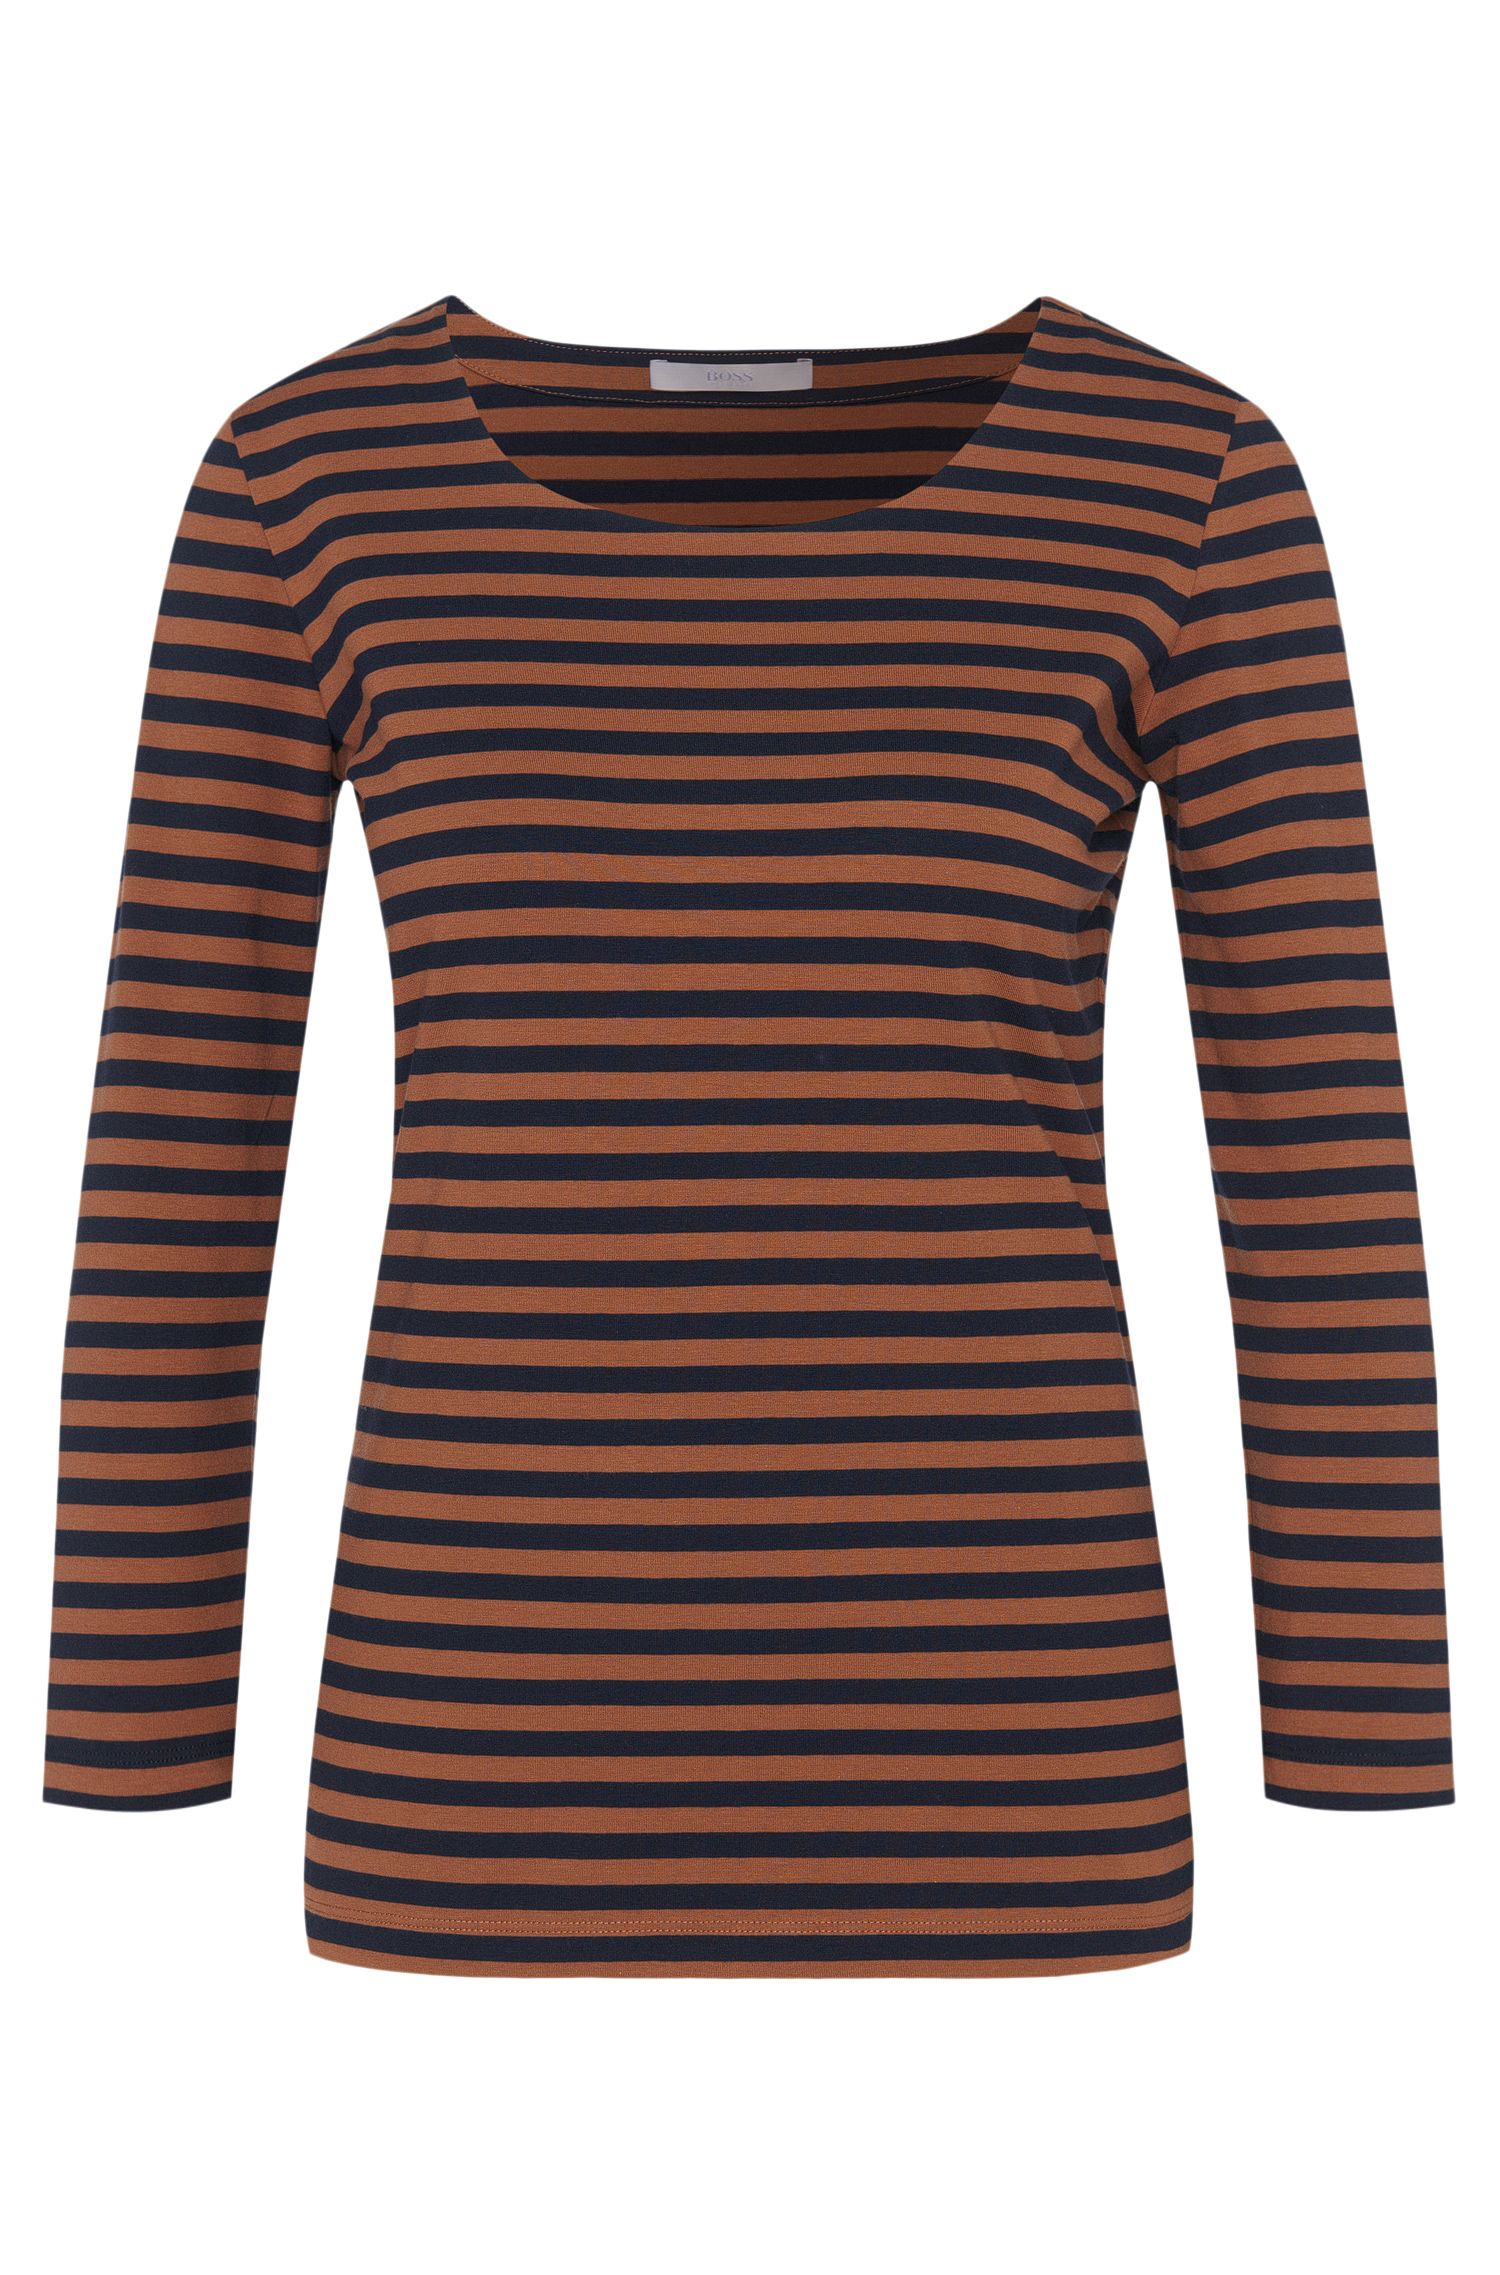 T-shirt rayé en coton extensible, avec manches 3/4: «Emmisa»